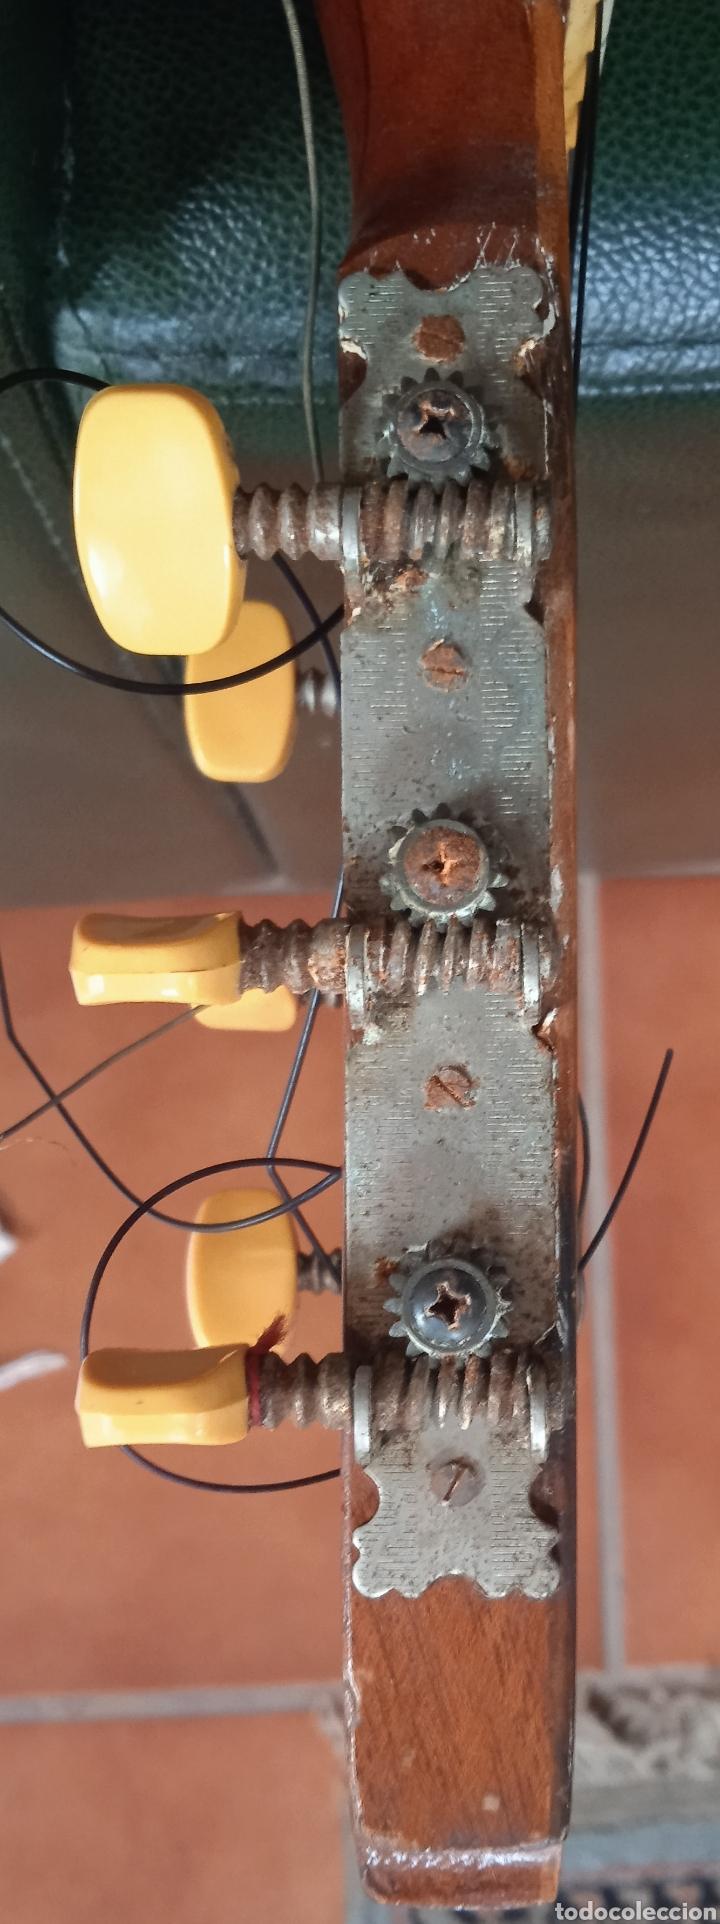 Instrumentos musicales: antigua guitarra española instrumentos musicales casa David gijon - Foto 6 - 236542885